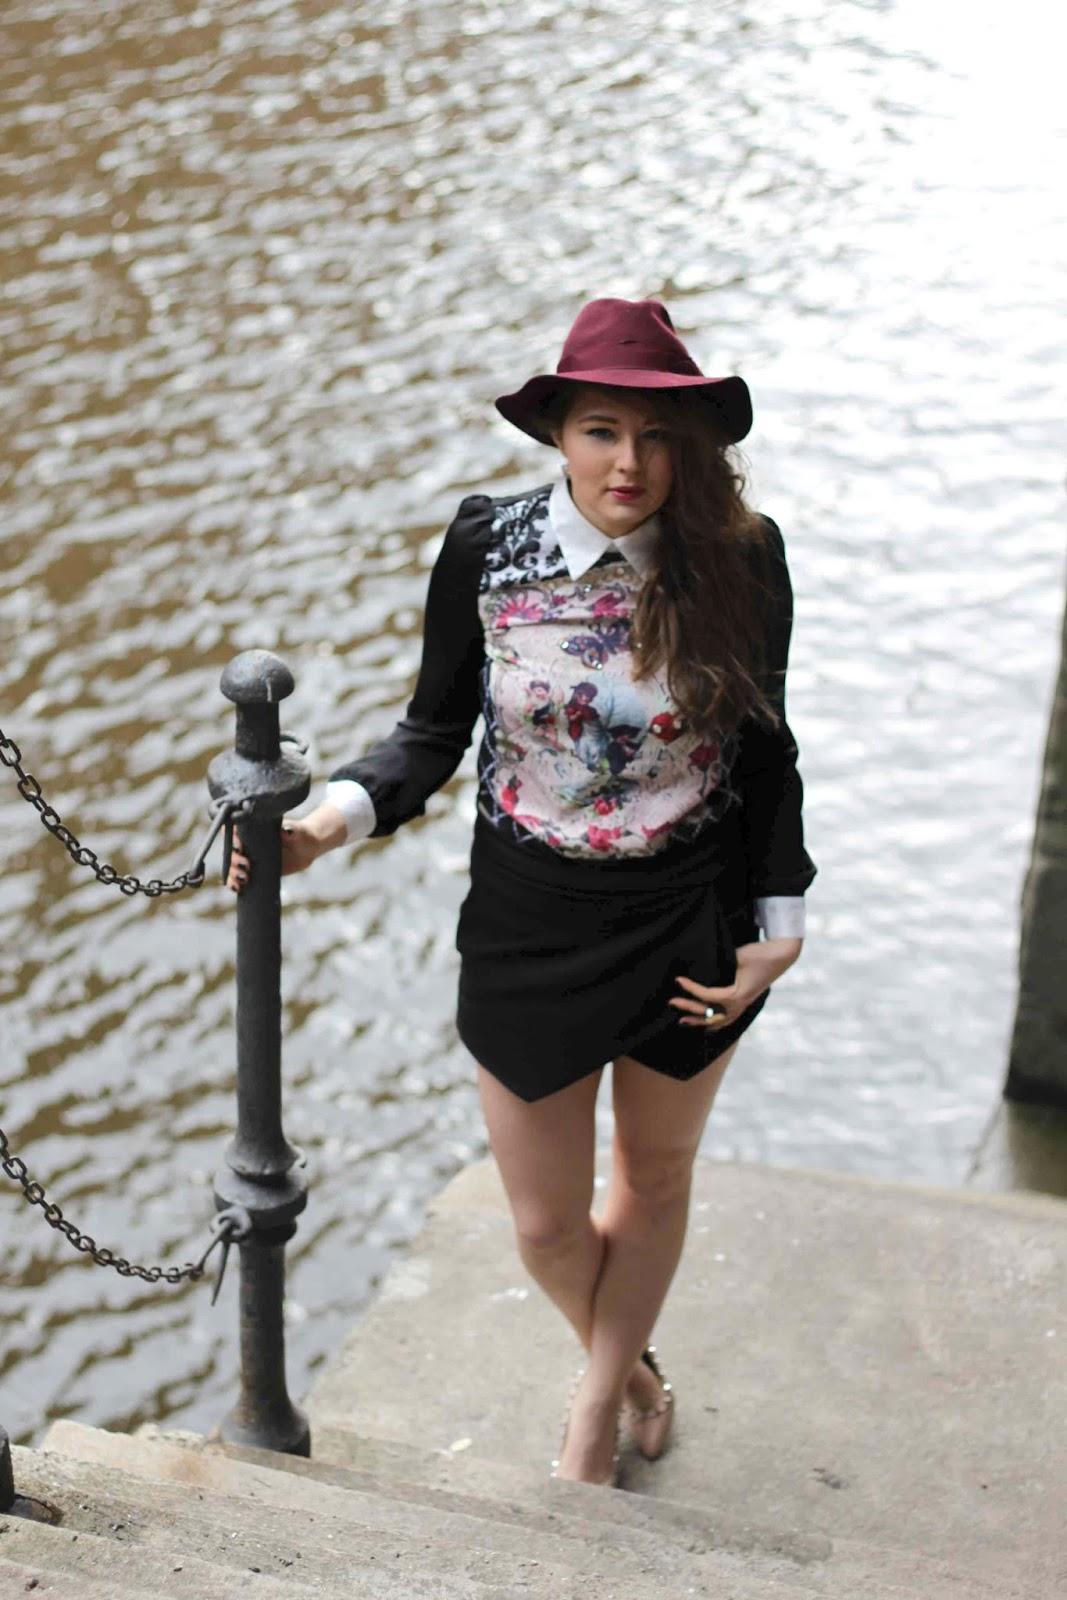 trend 2013, Lilac floppy hat, Hut, black Zara skort, schwarze skorts, Barock shirt, beste deutsche Modeblogger, best german fashion blogger, nude stud steve madden, hamburg, germany, harbor,